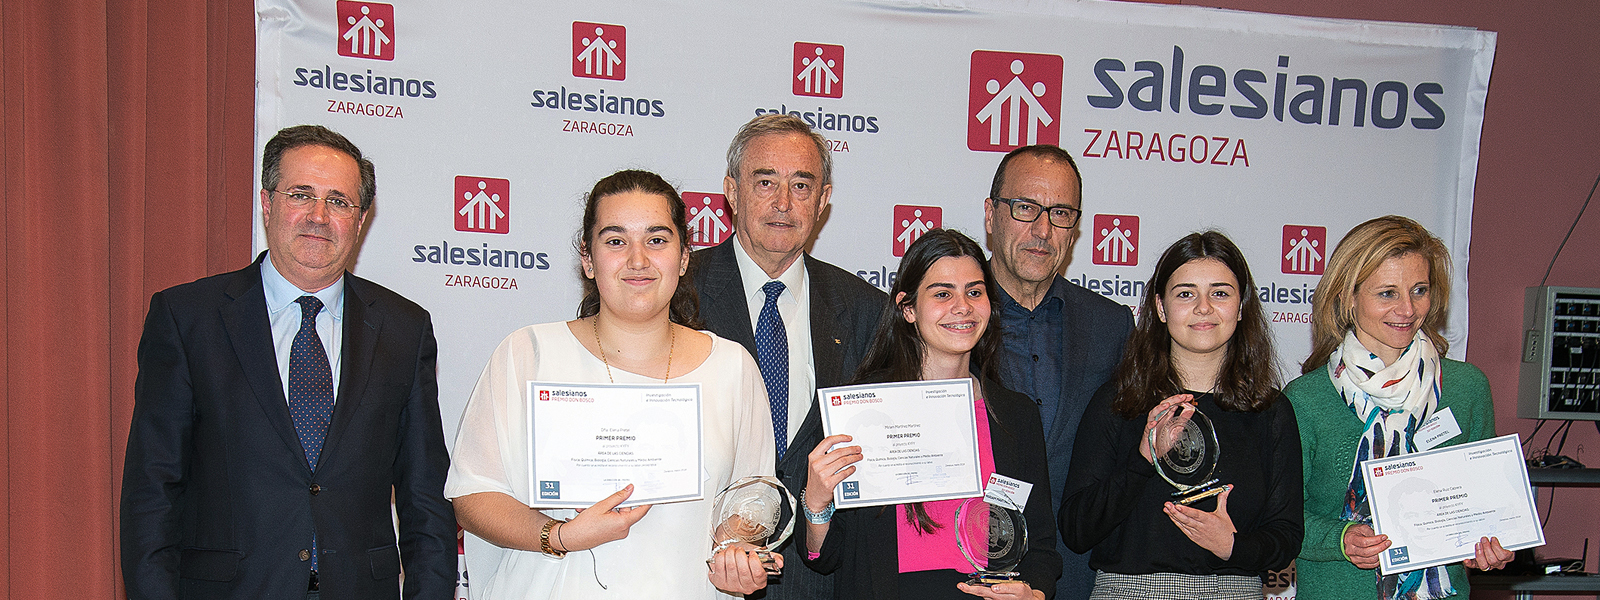 Entrega del Premio Don Bosco